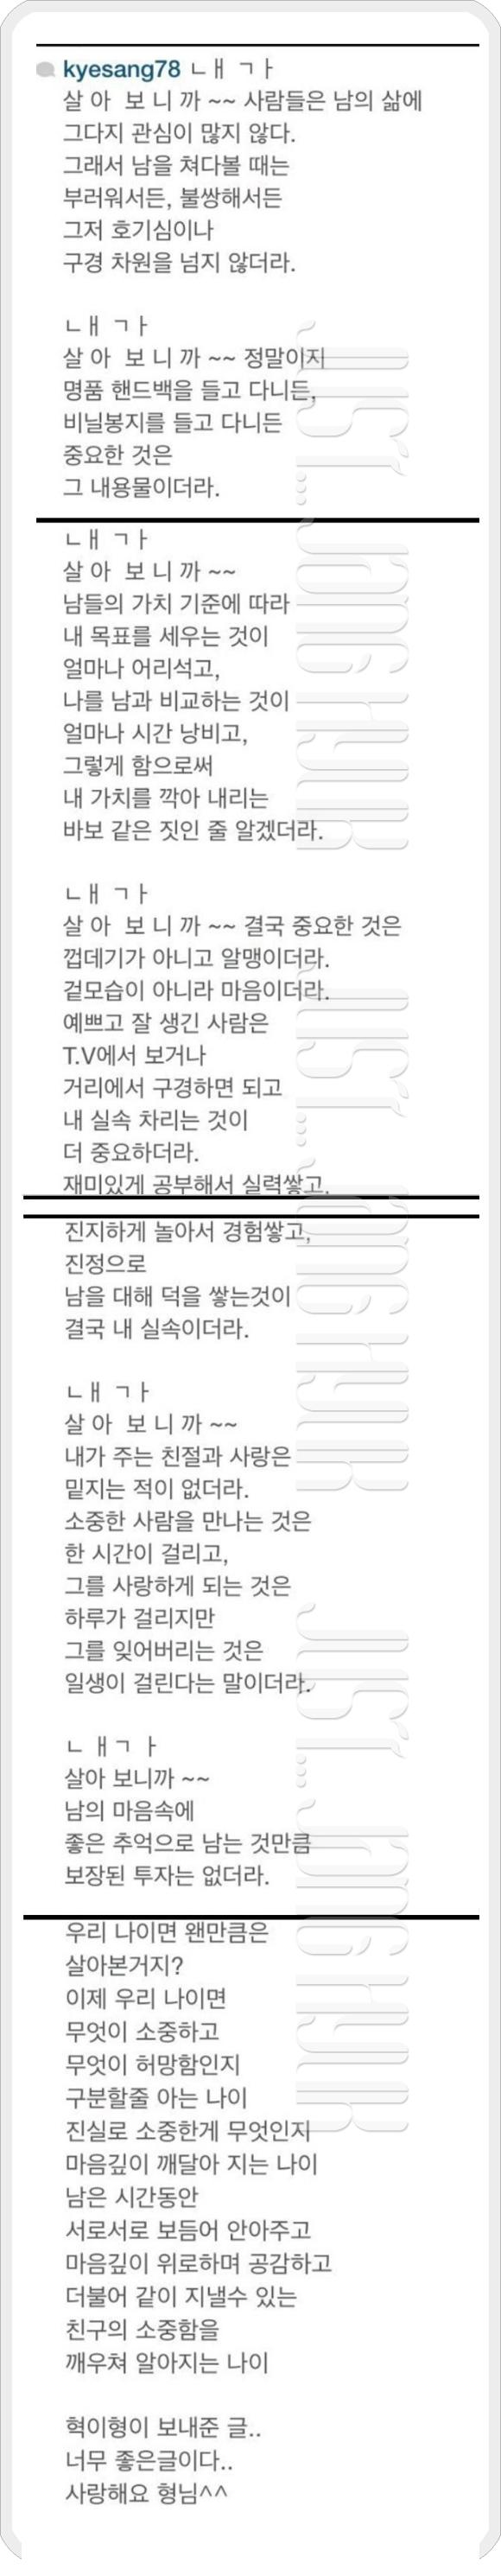 장혁 チャンヒョク チャン・ヒョク janghyuk 张赫 ユンゲサン